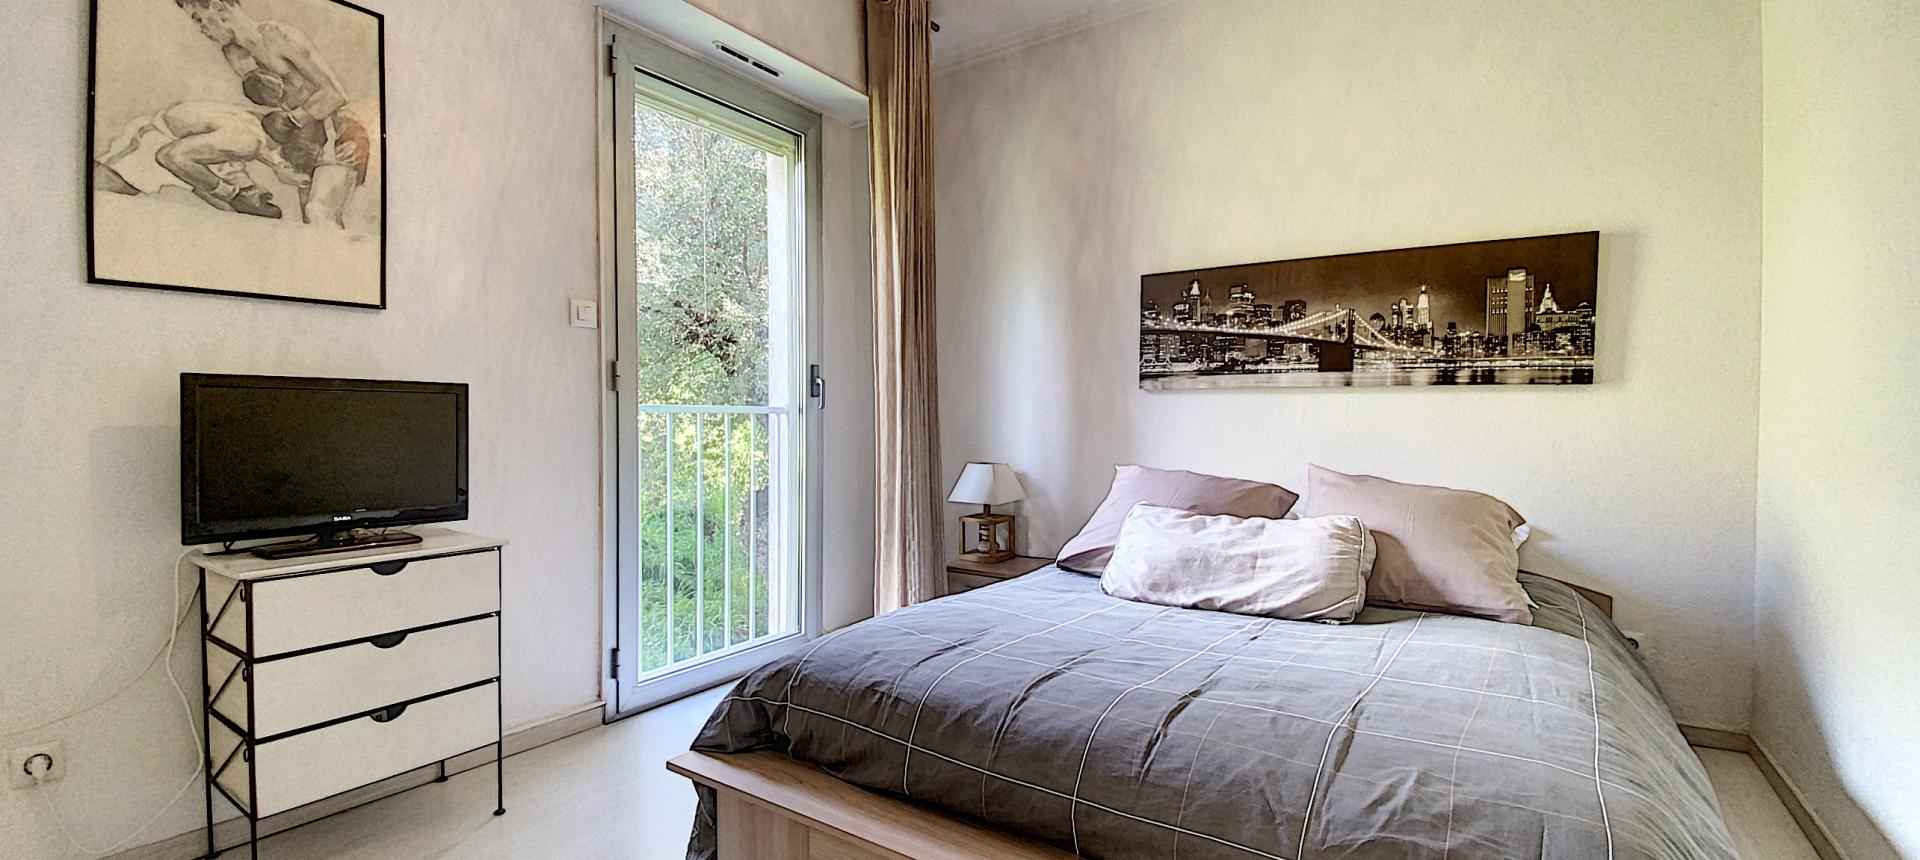 vente appartement F3 duplex ajaccio chambre1